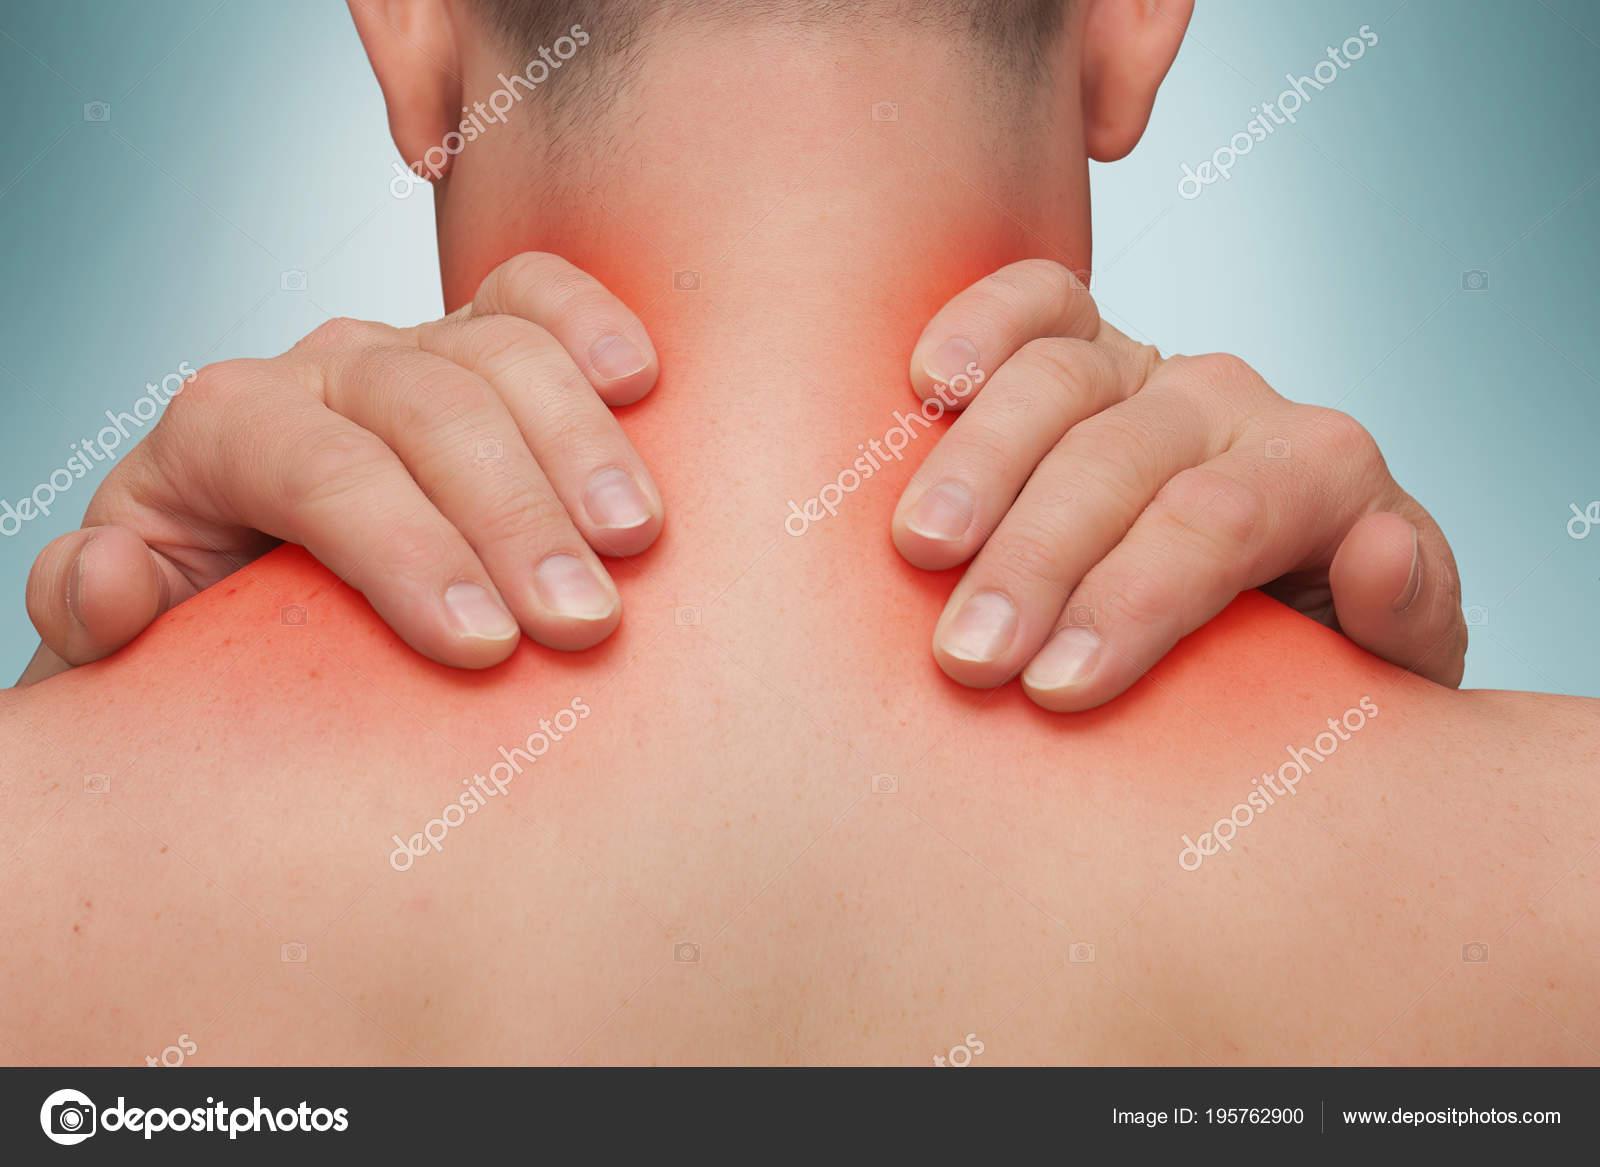 vállízület fájdalma felhúzáskor)